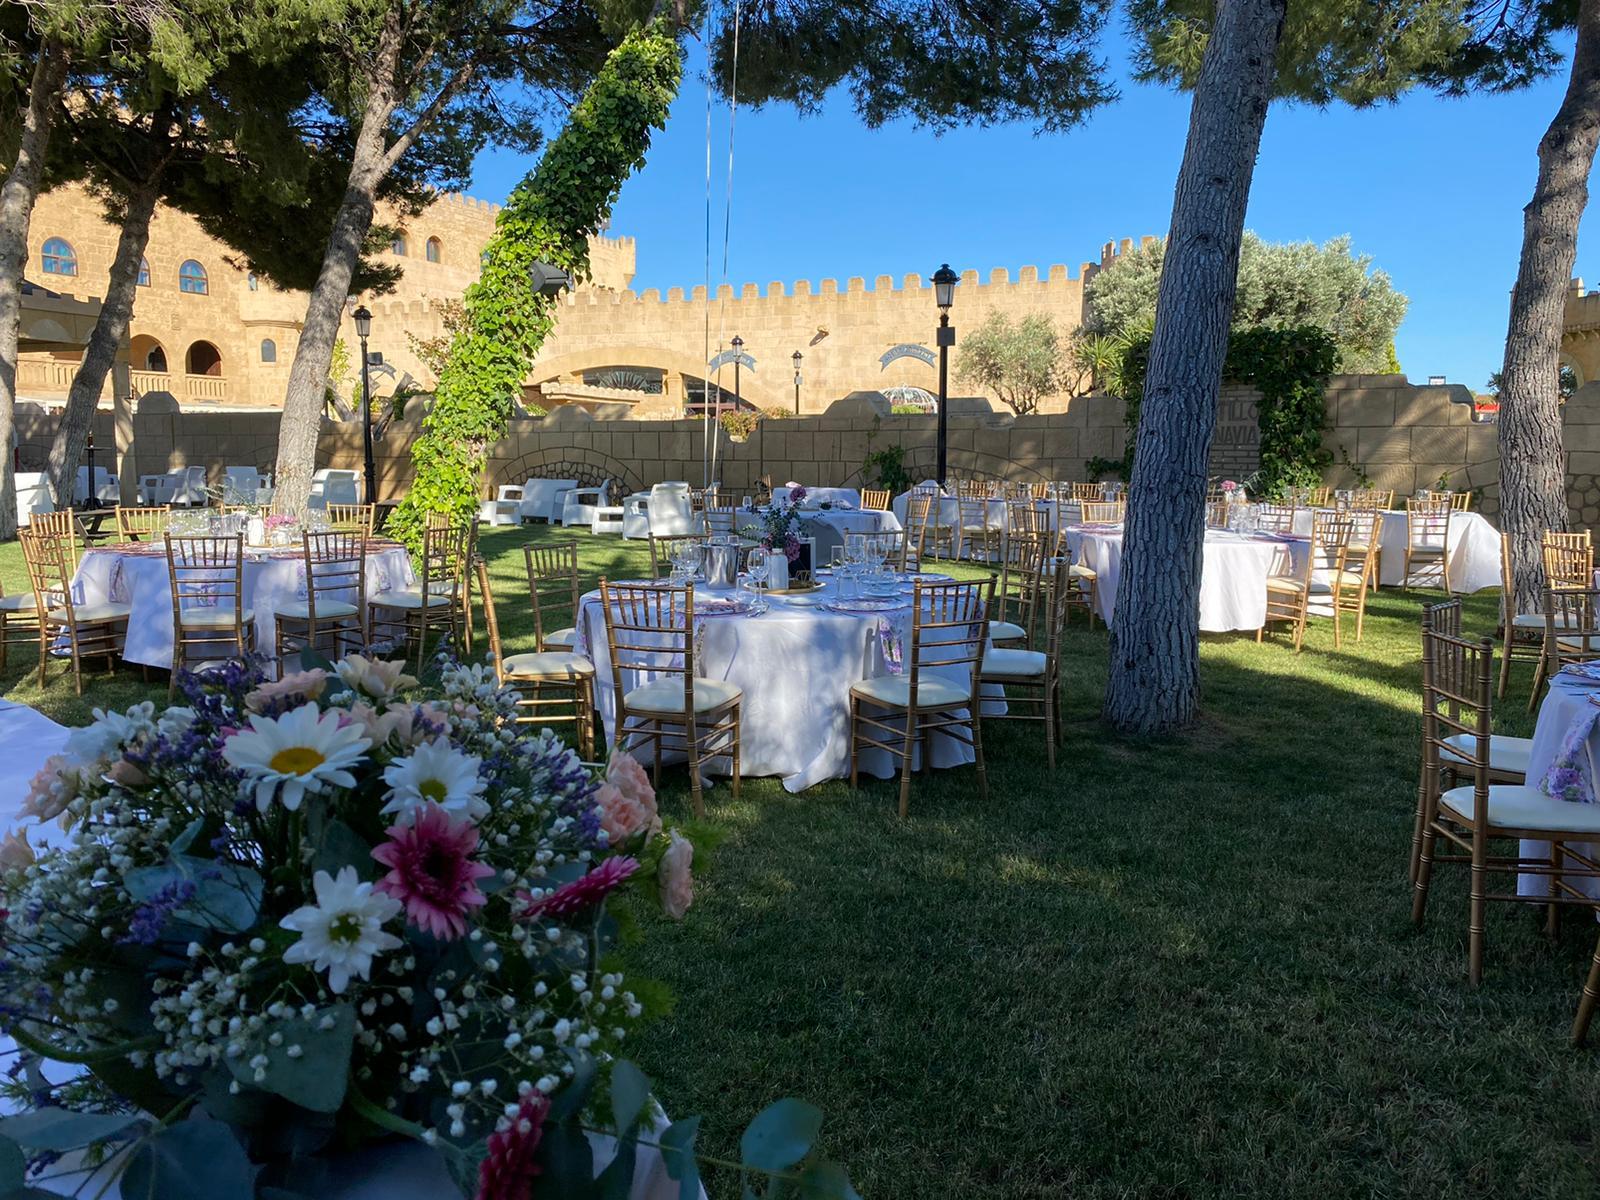 Banquete al aire libre-Finca los Arcos (1)